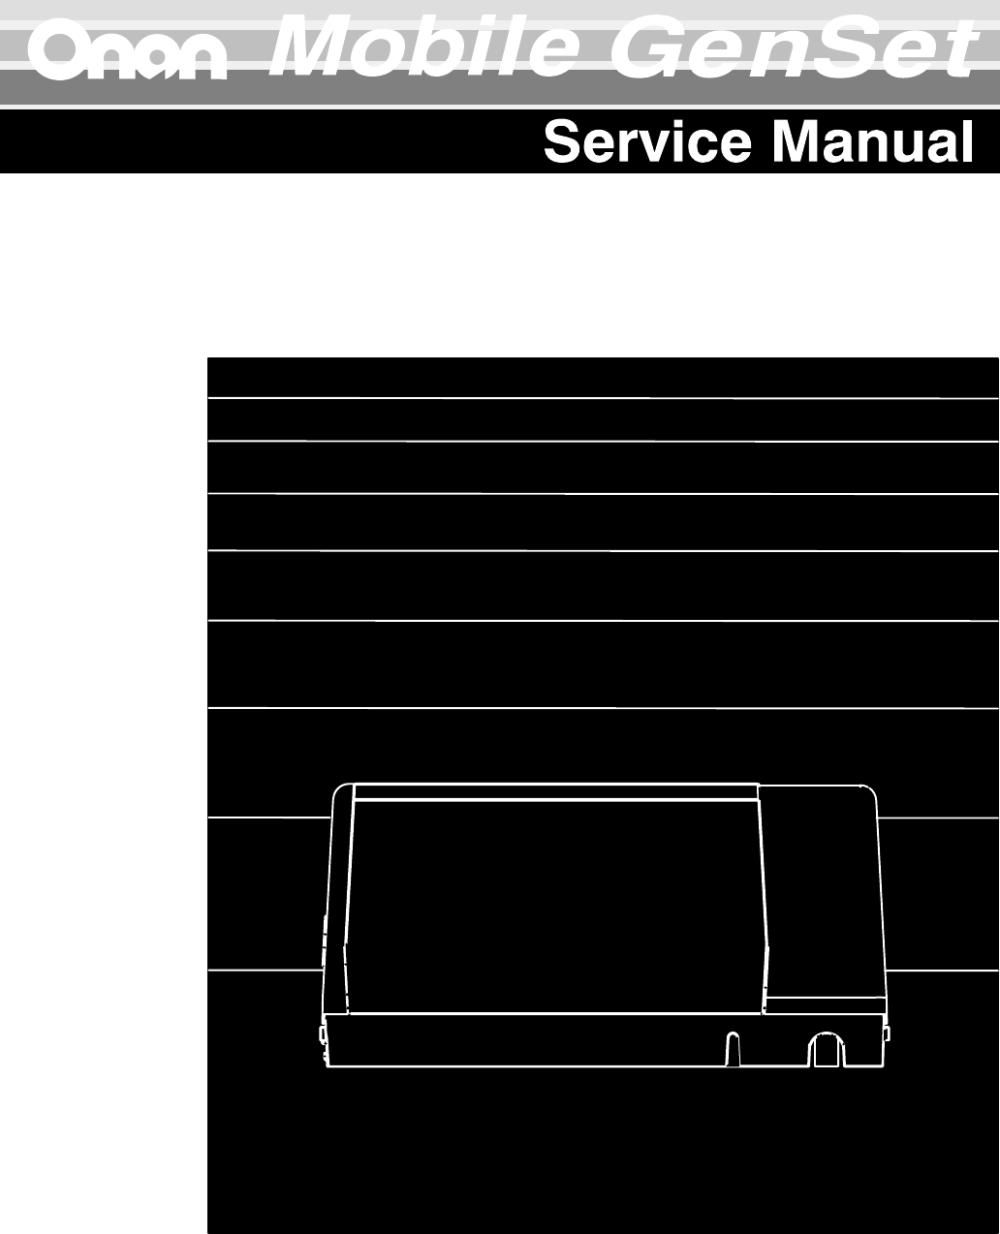 medium resolution of onan 4000 generator wiring diagram with purge line onan 4000onan onan generator wiring diagram with purge